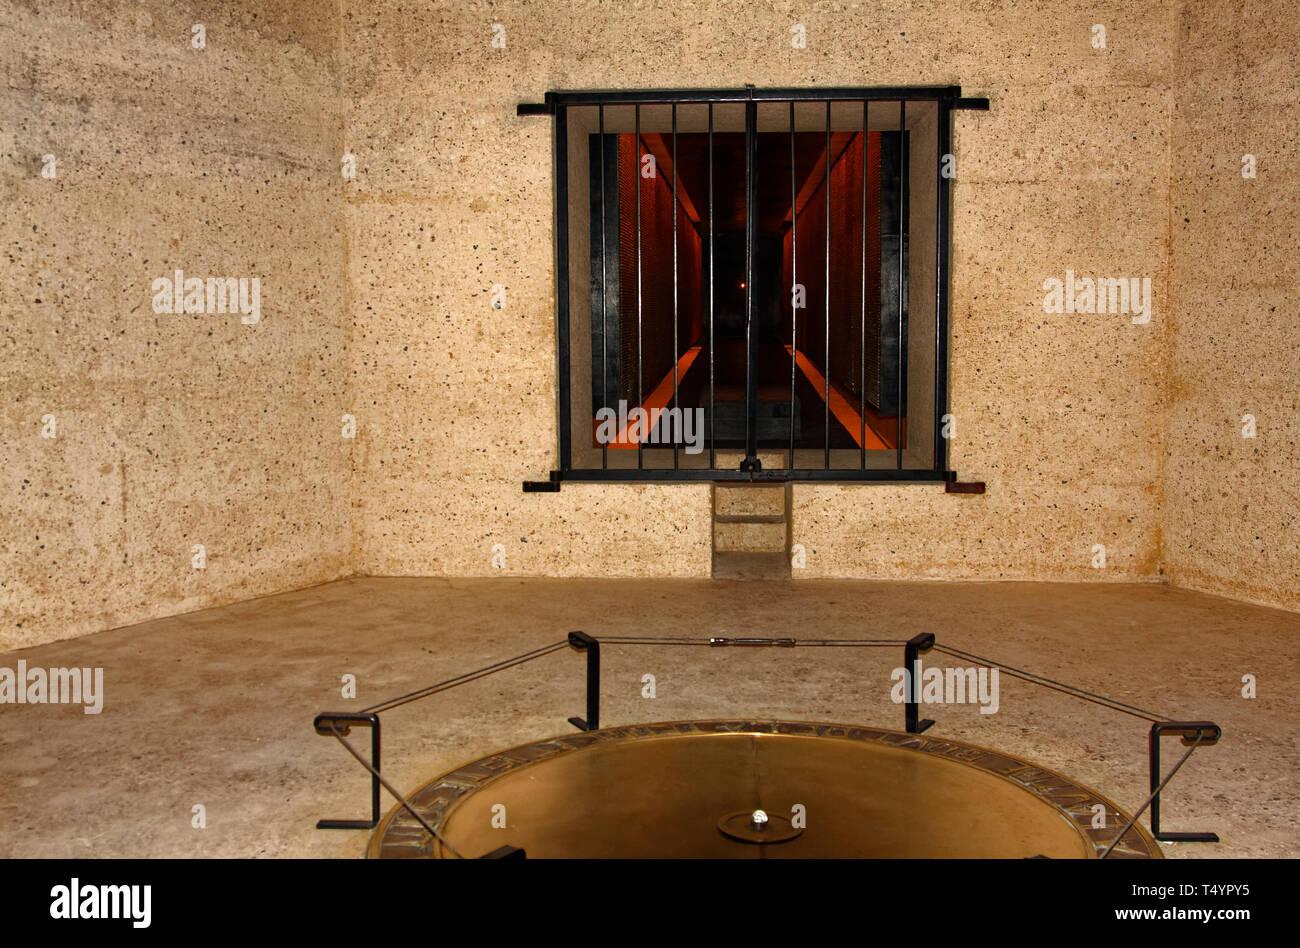 Abschiebung Memorial; 200.000 französische Opfer; Konzentrationslager; U-Bahn, Monument; Paris; Frankreich; Sommer, horizontal Stockbild